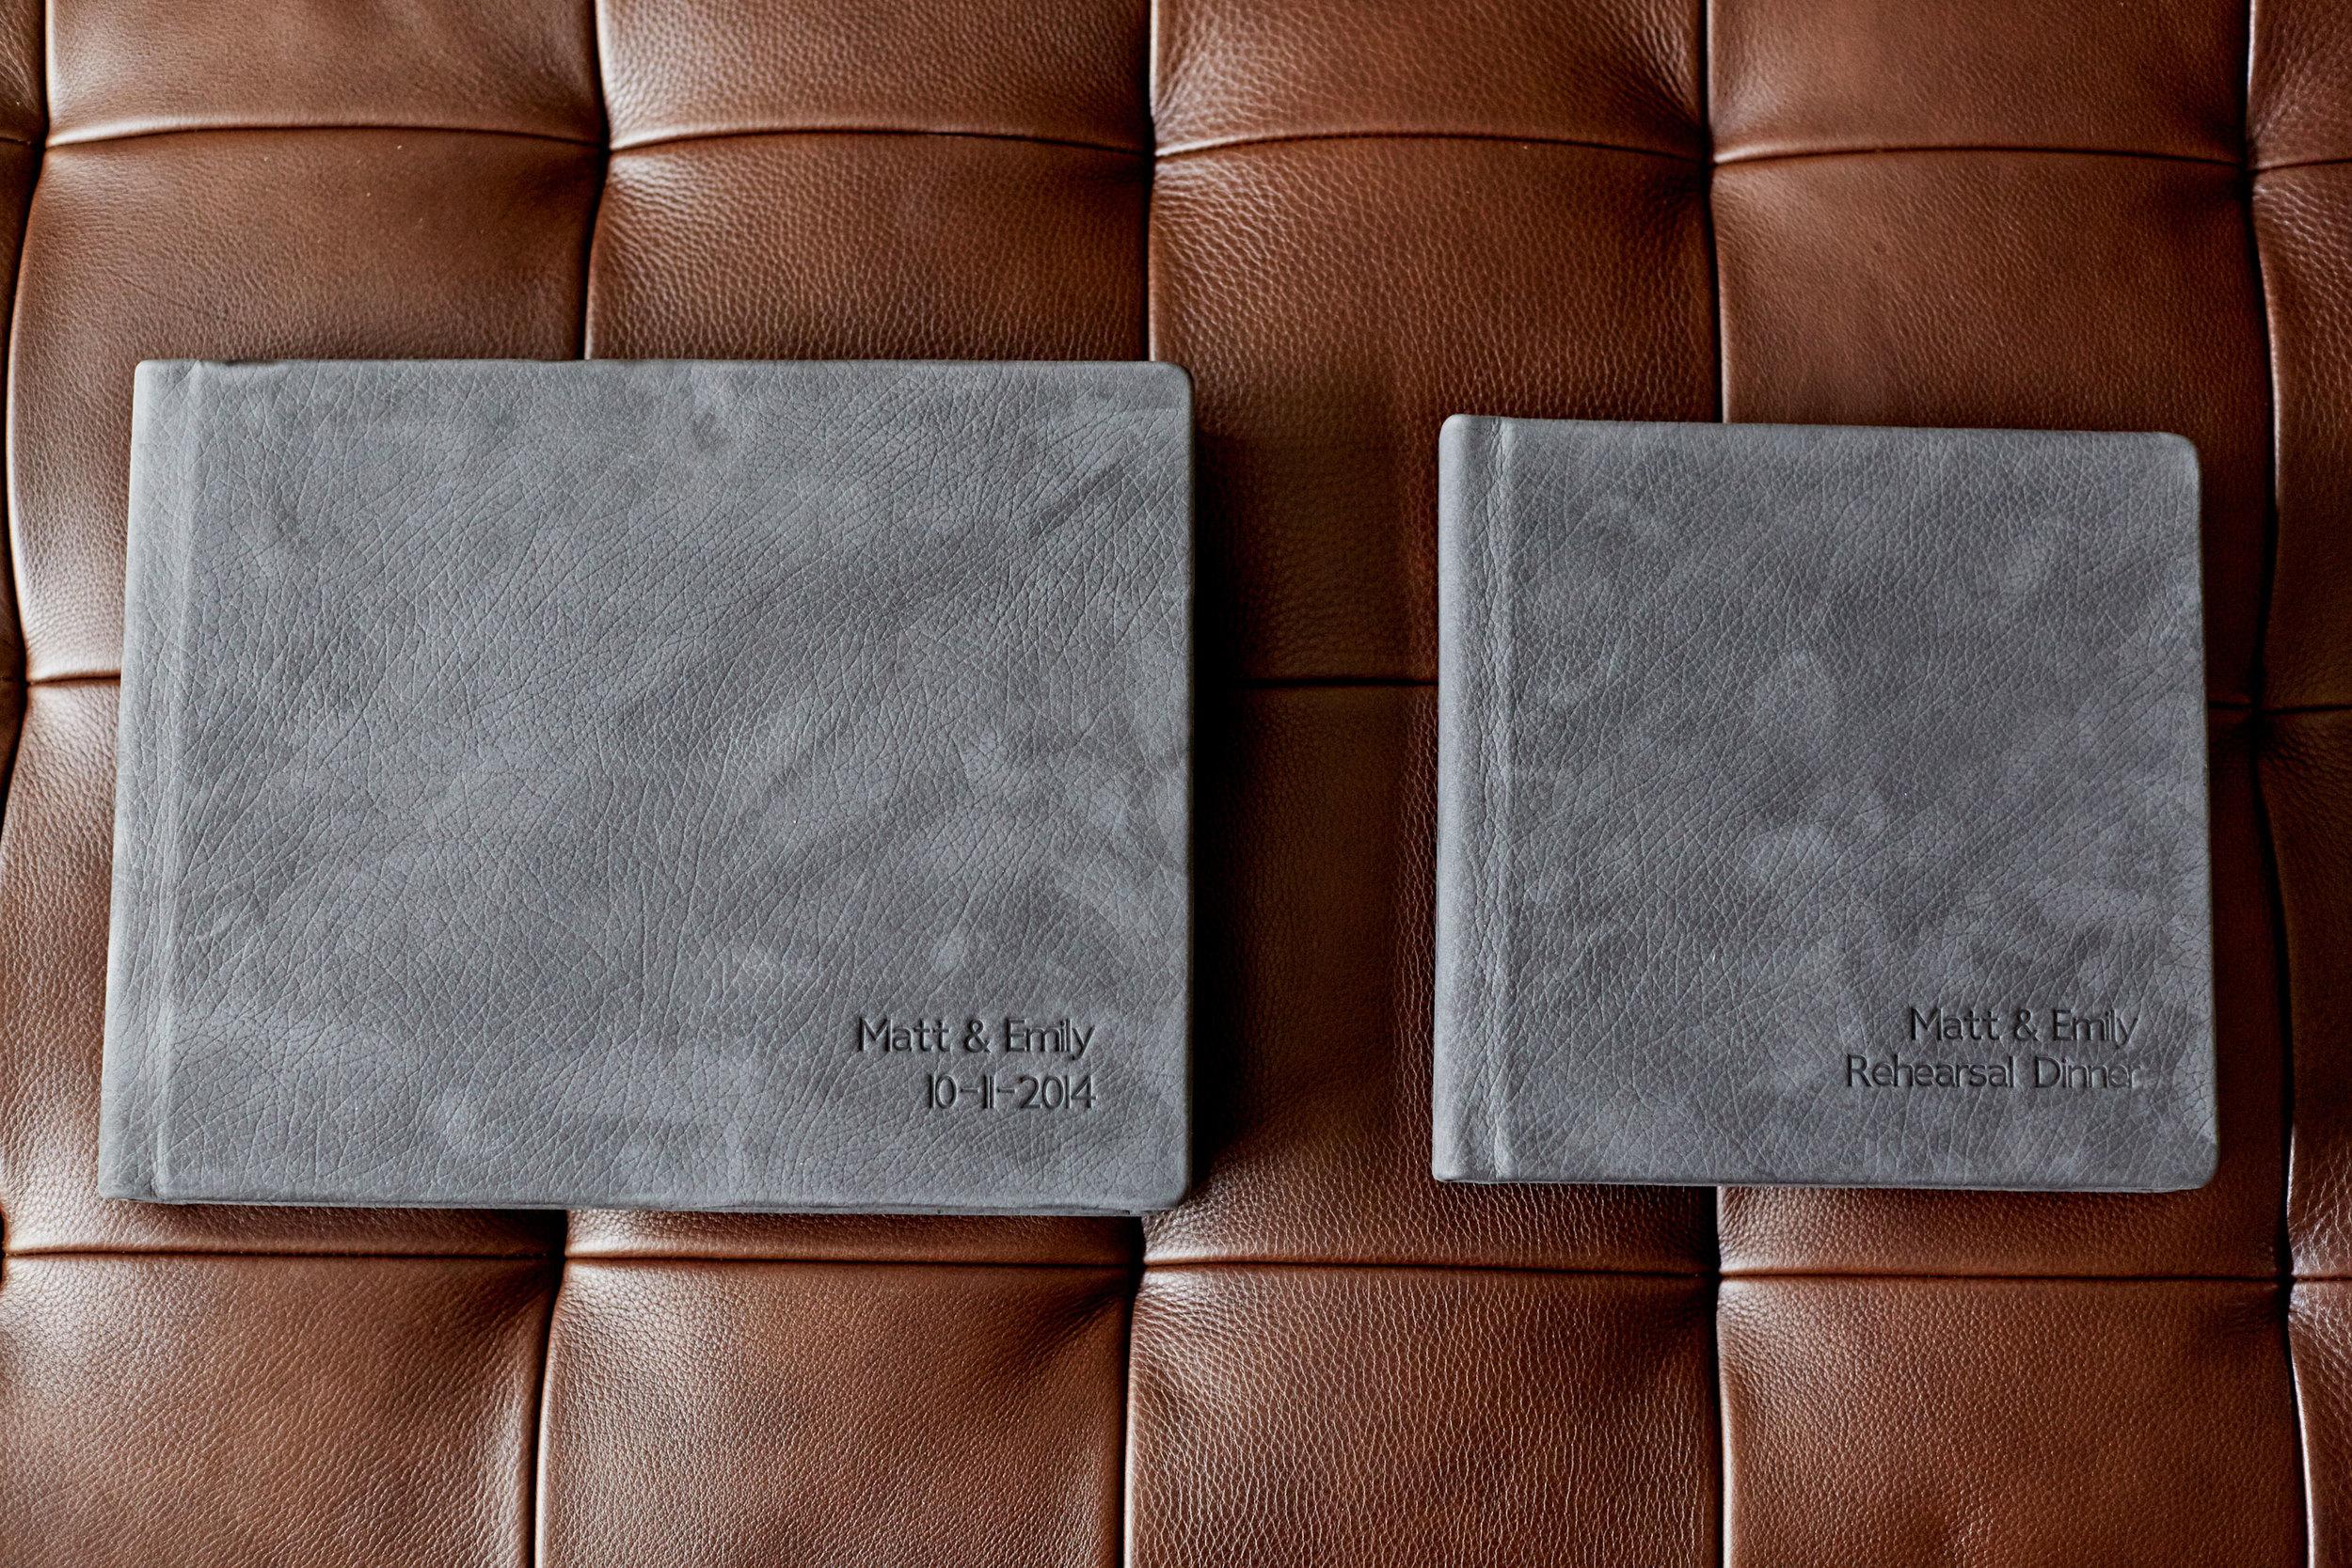 nickfayweddings-albums-001.jpg